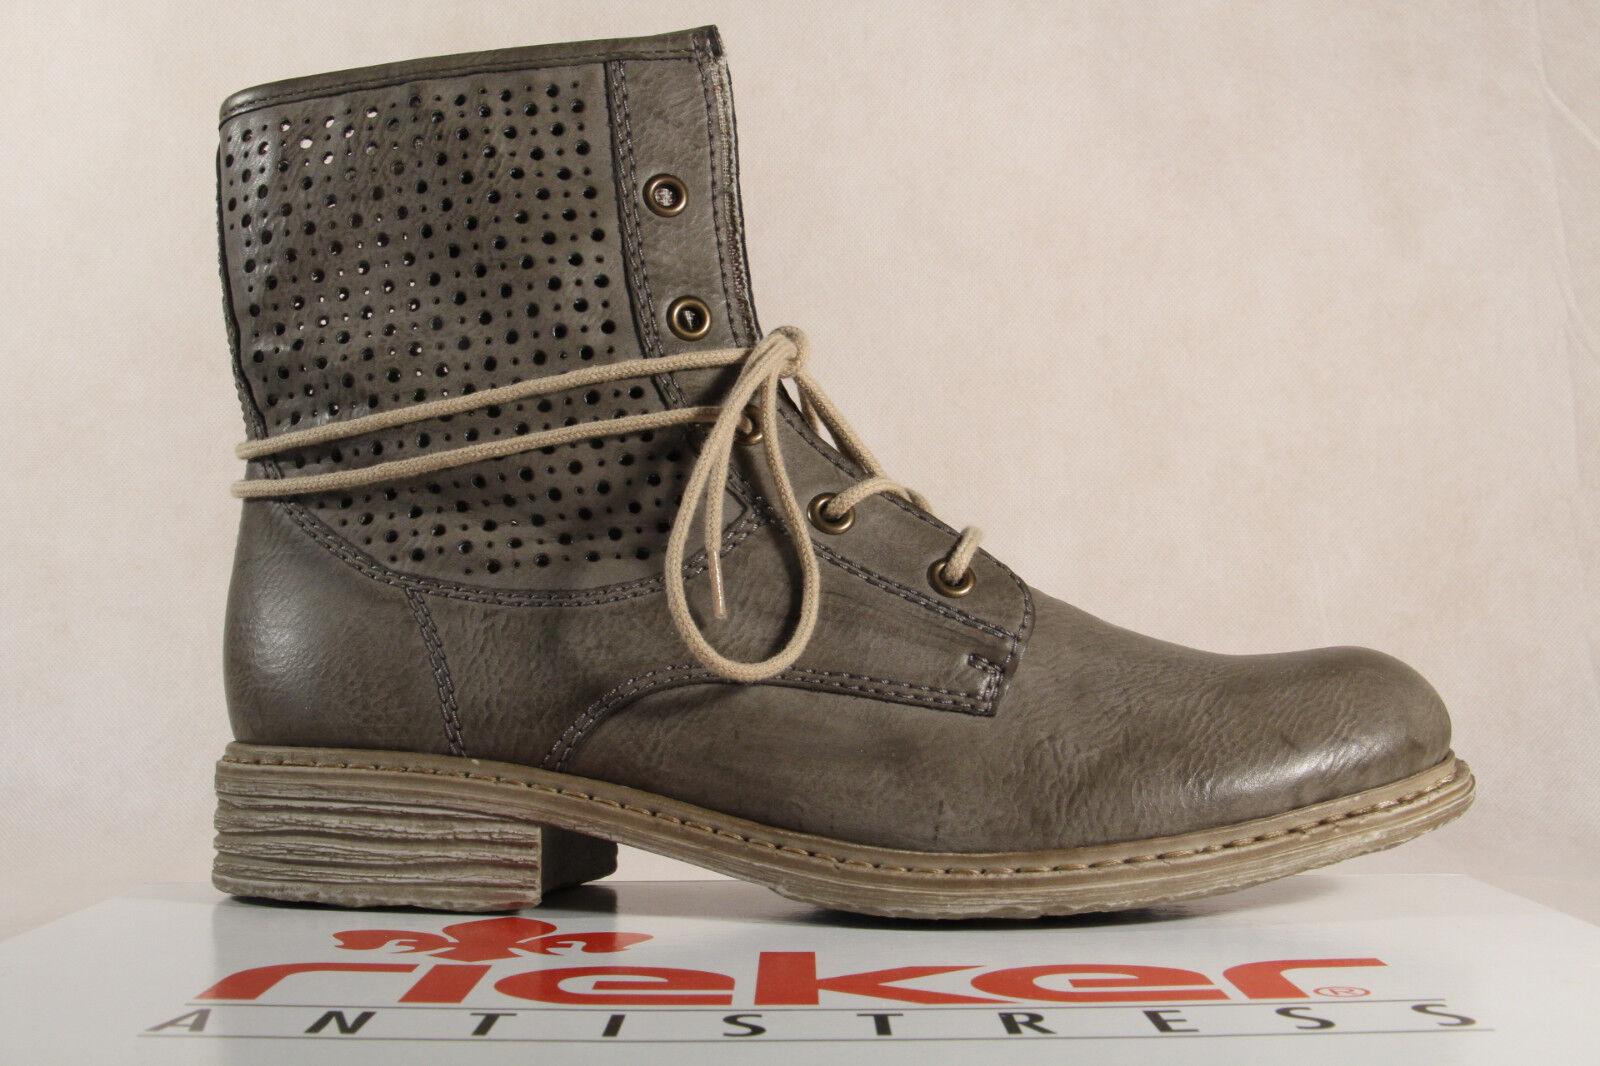 Rieker Z2125 Stiefel Damen Stiefel Siefeletten Stiefel Z2125 Kunstleder grau NEU 589271